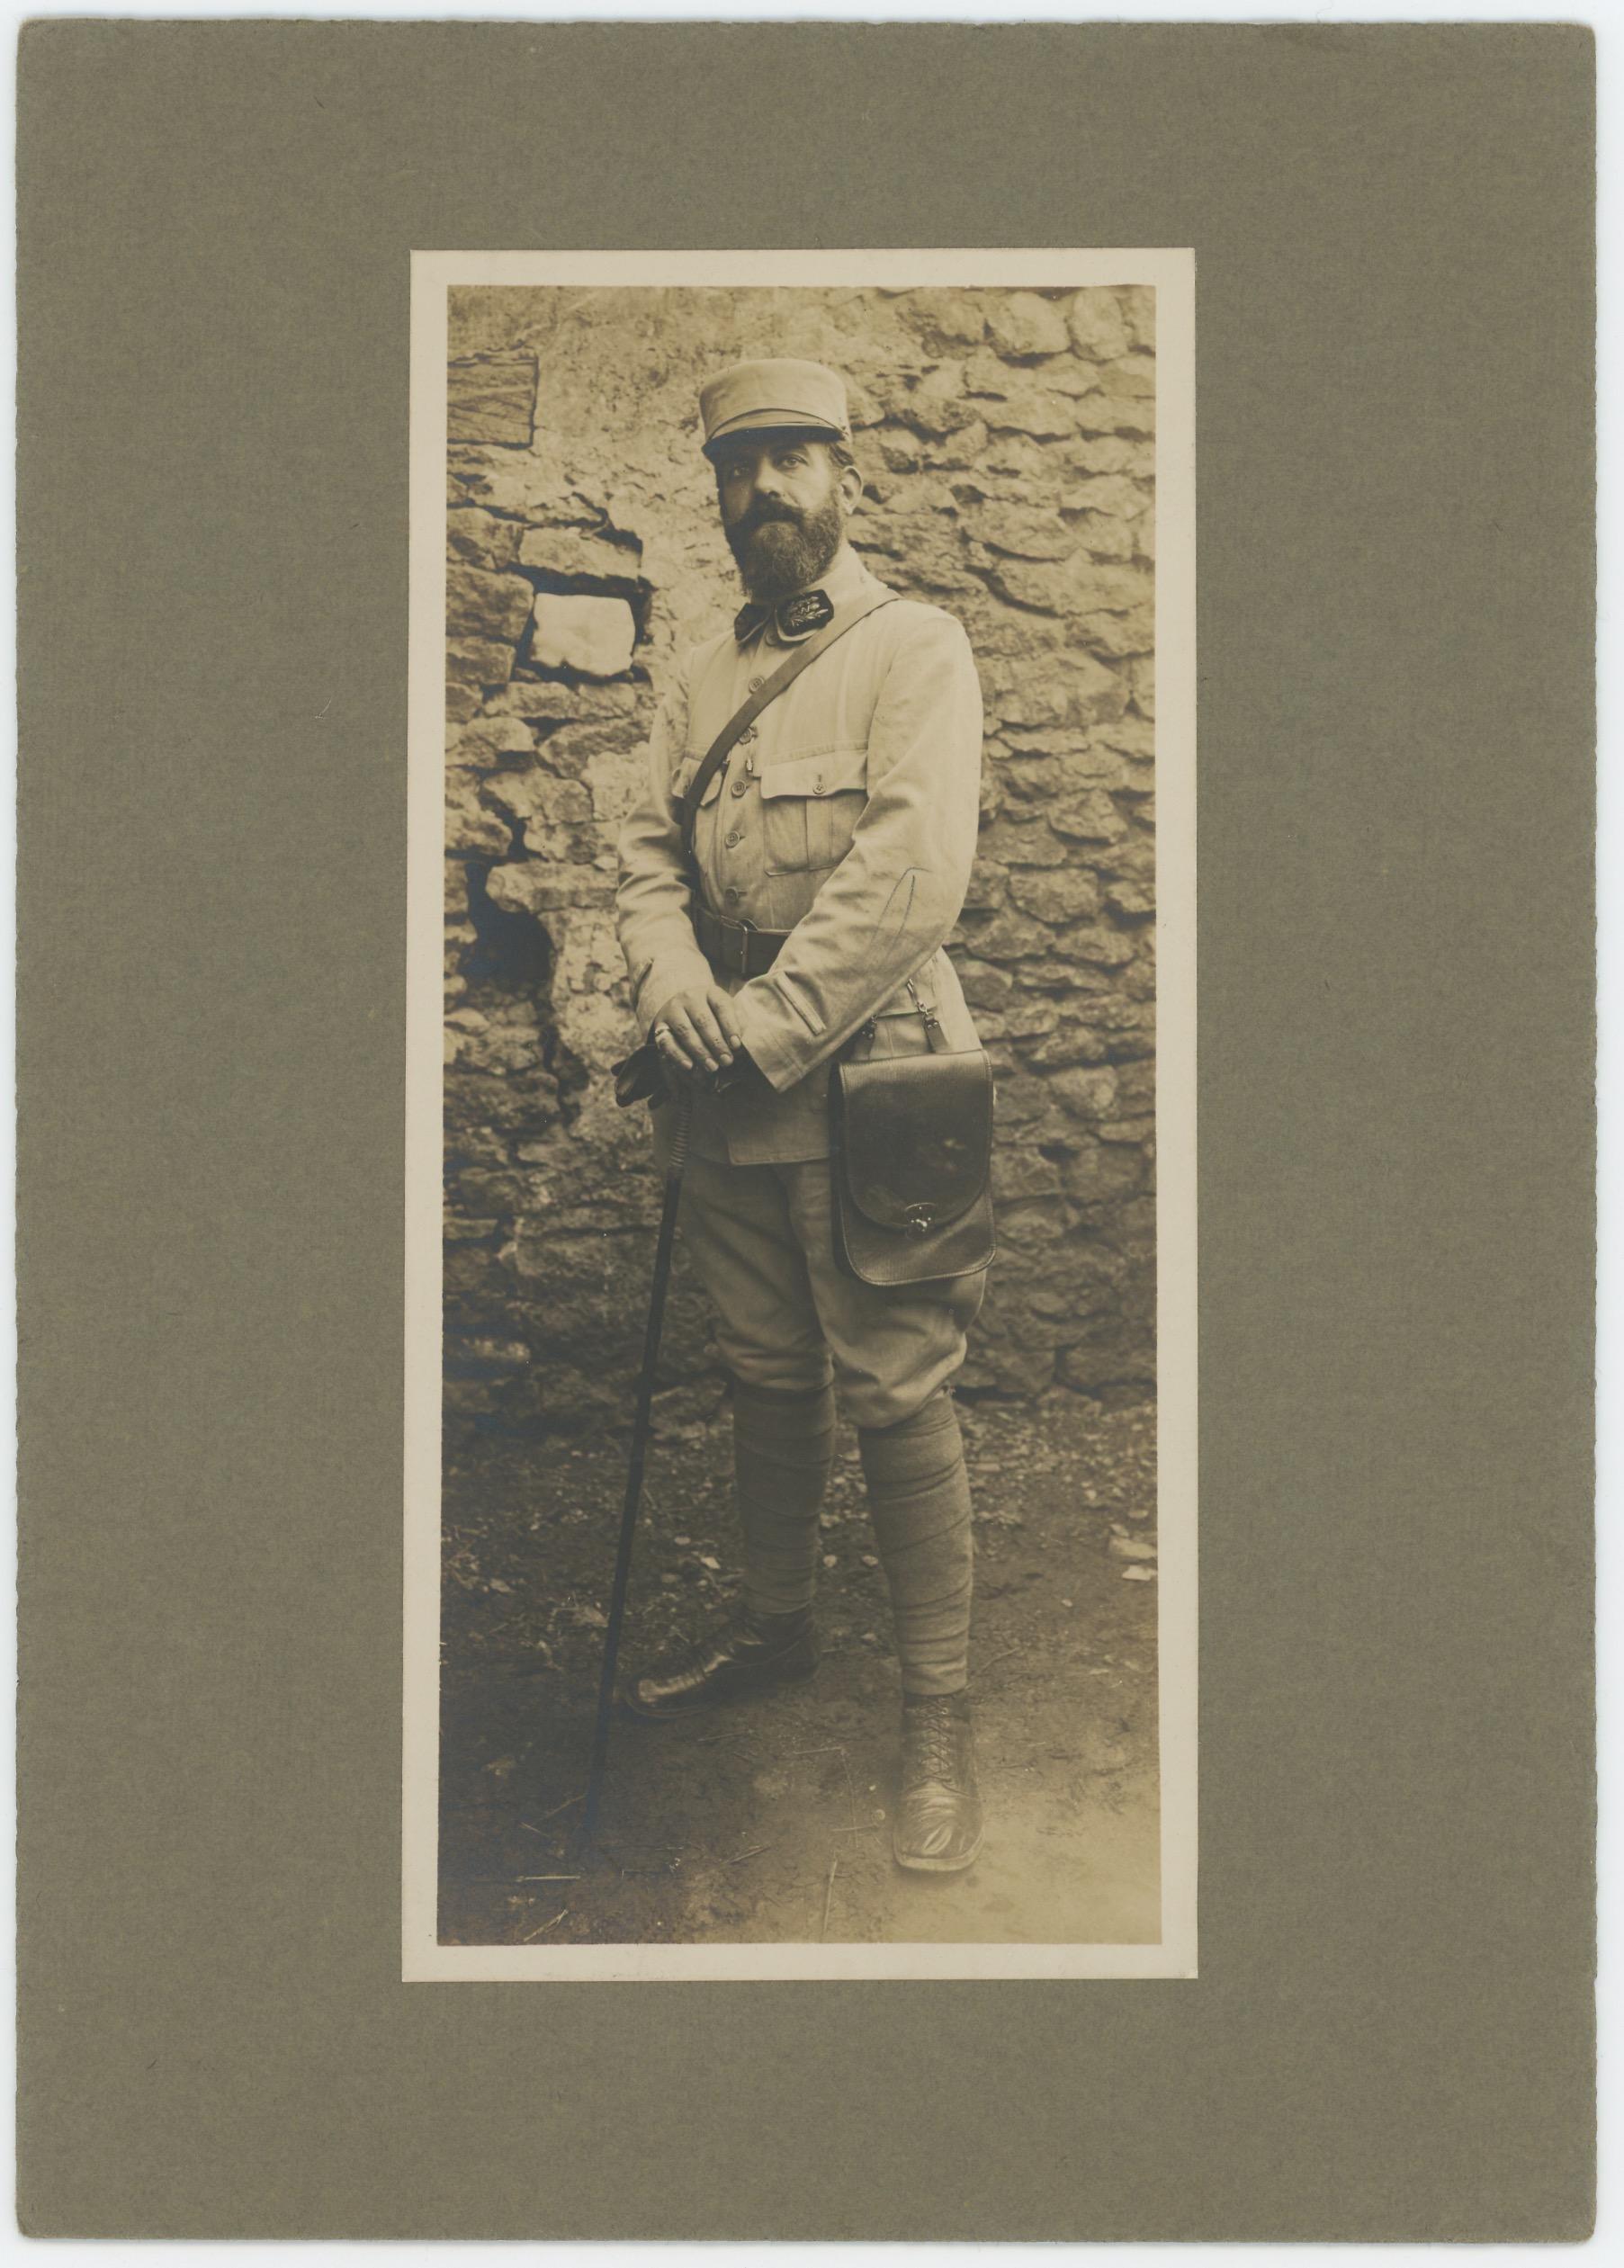 Ancienne Photographie - Guerre 14/18 - Armée Française - Médecin - Uniforme - Front - Poilu - Grande Guerre